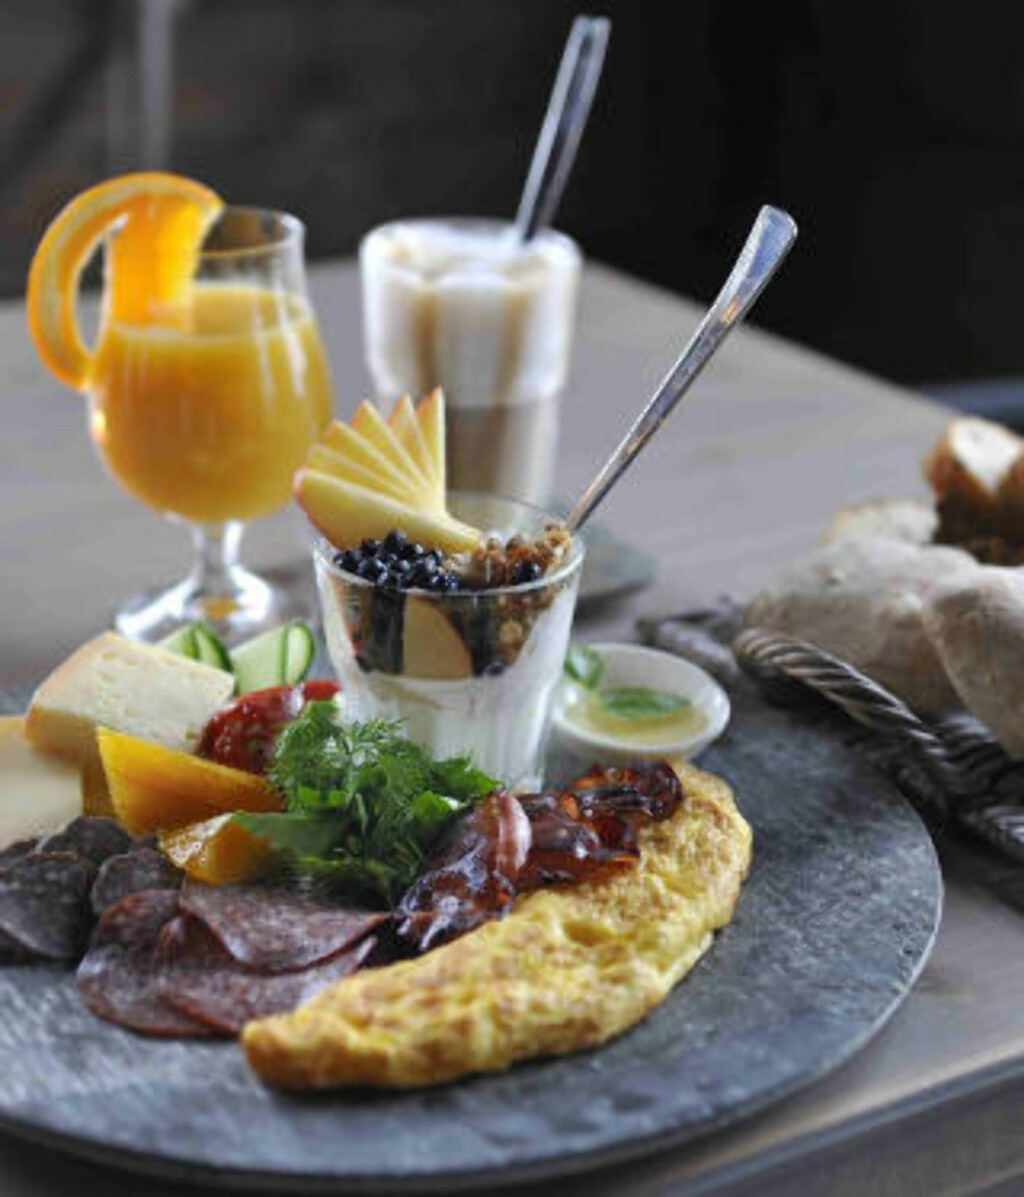 FROKOST: Velger du å overnatte, er dette dagens første måltid. Foto: NOREFJELLHYTTA